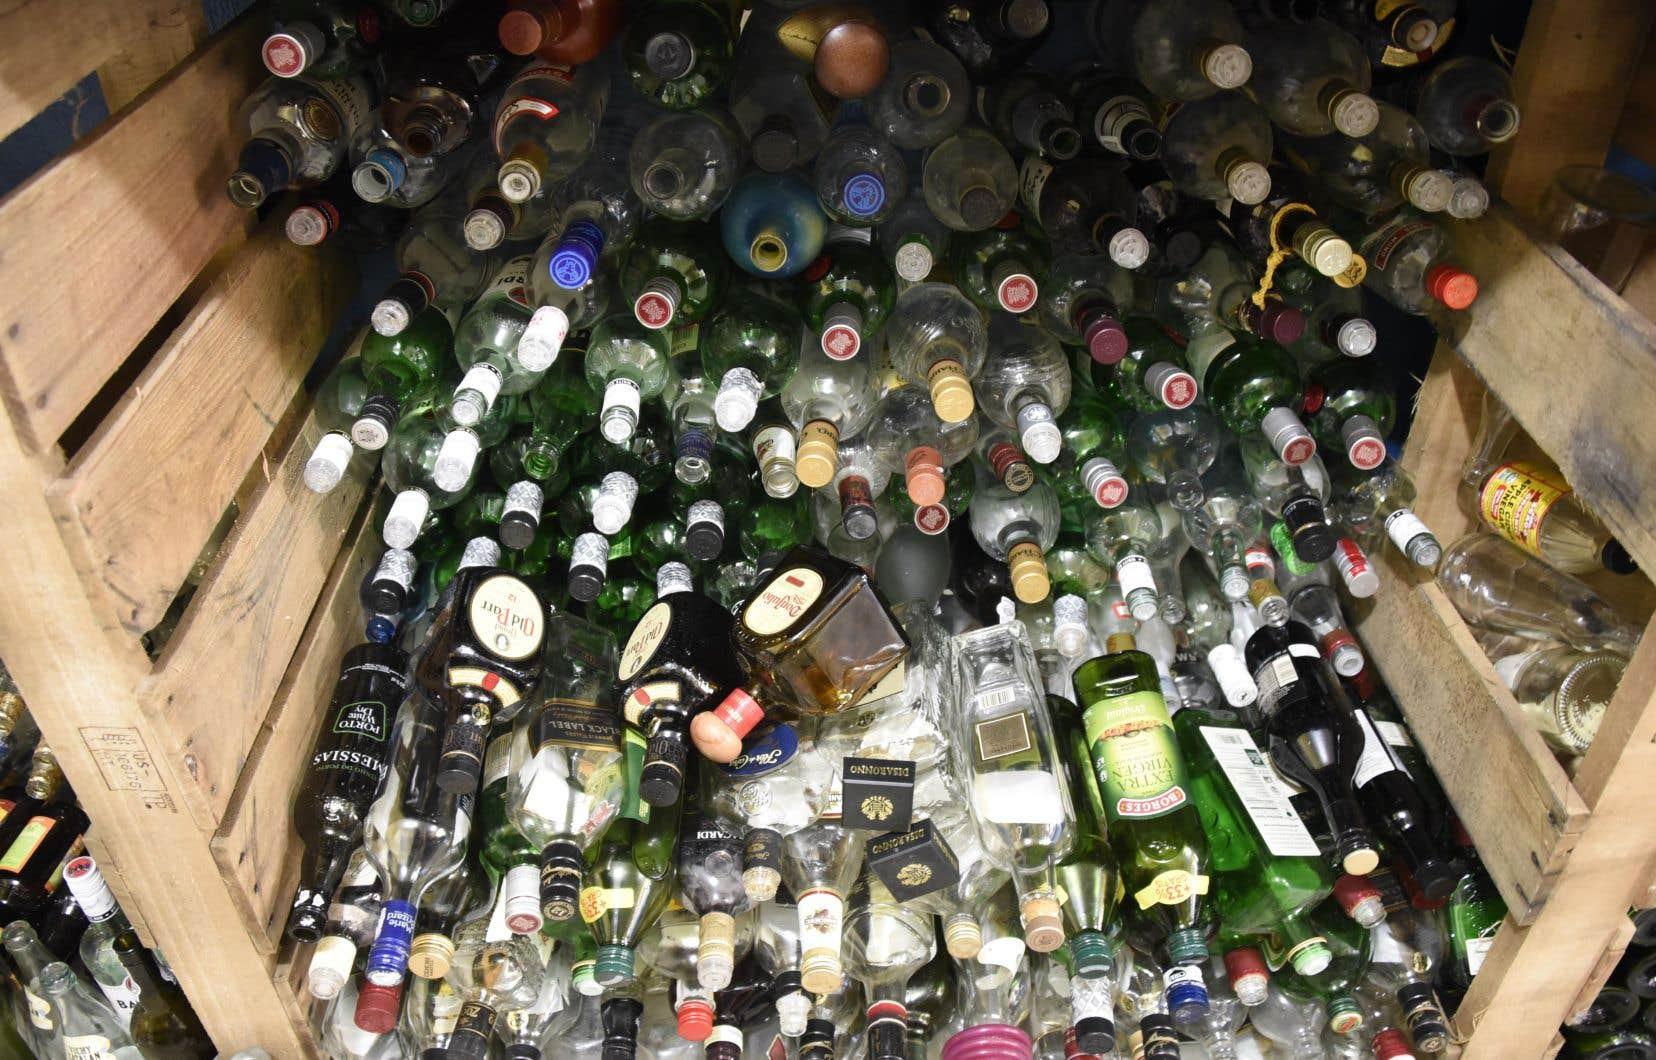 Tous les «contenants de boisson prête à boire de 100 millilitres à 2 litres en plastique, en verre ou en métal» seront frappés d'une consigne d'ici fin 2022.